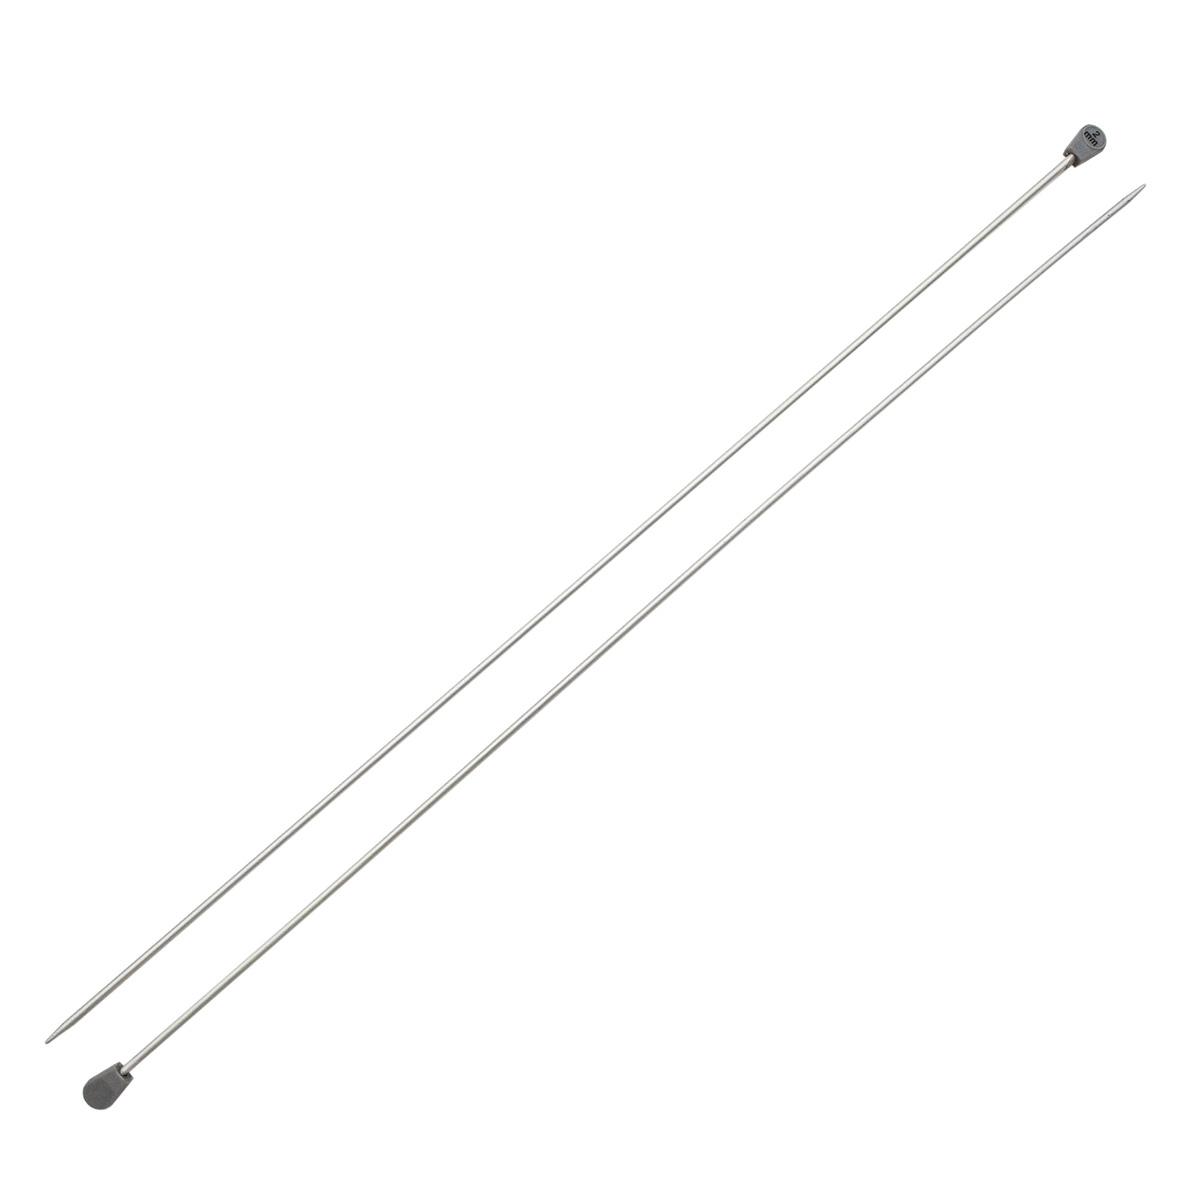 Набор прямых алюминиевых спиц для вязания 2,00мм-3,00мм, в футляре, Hobby&Pro